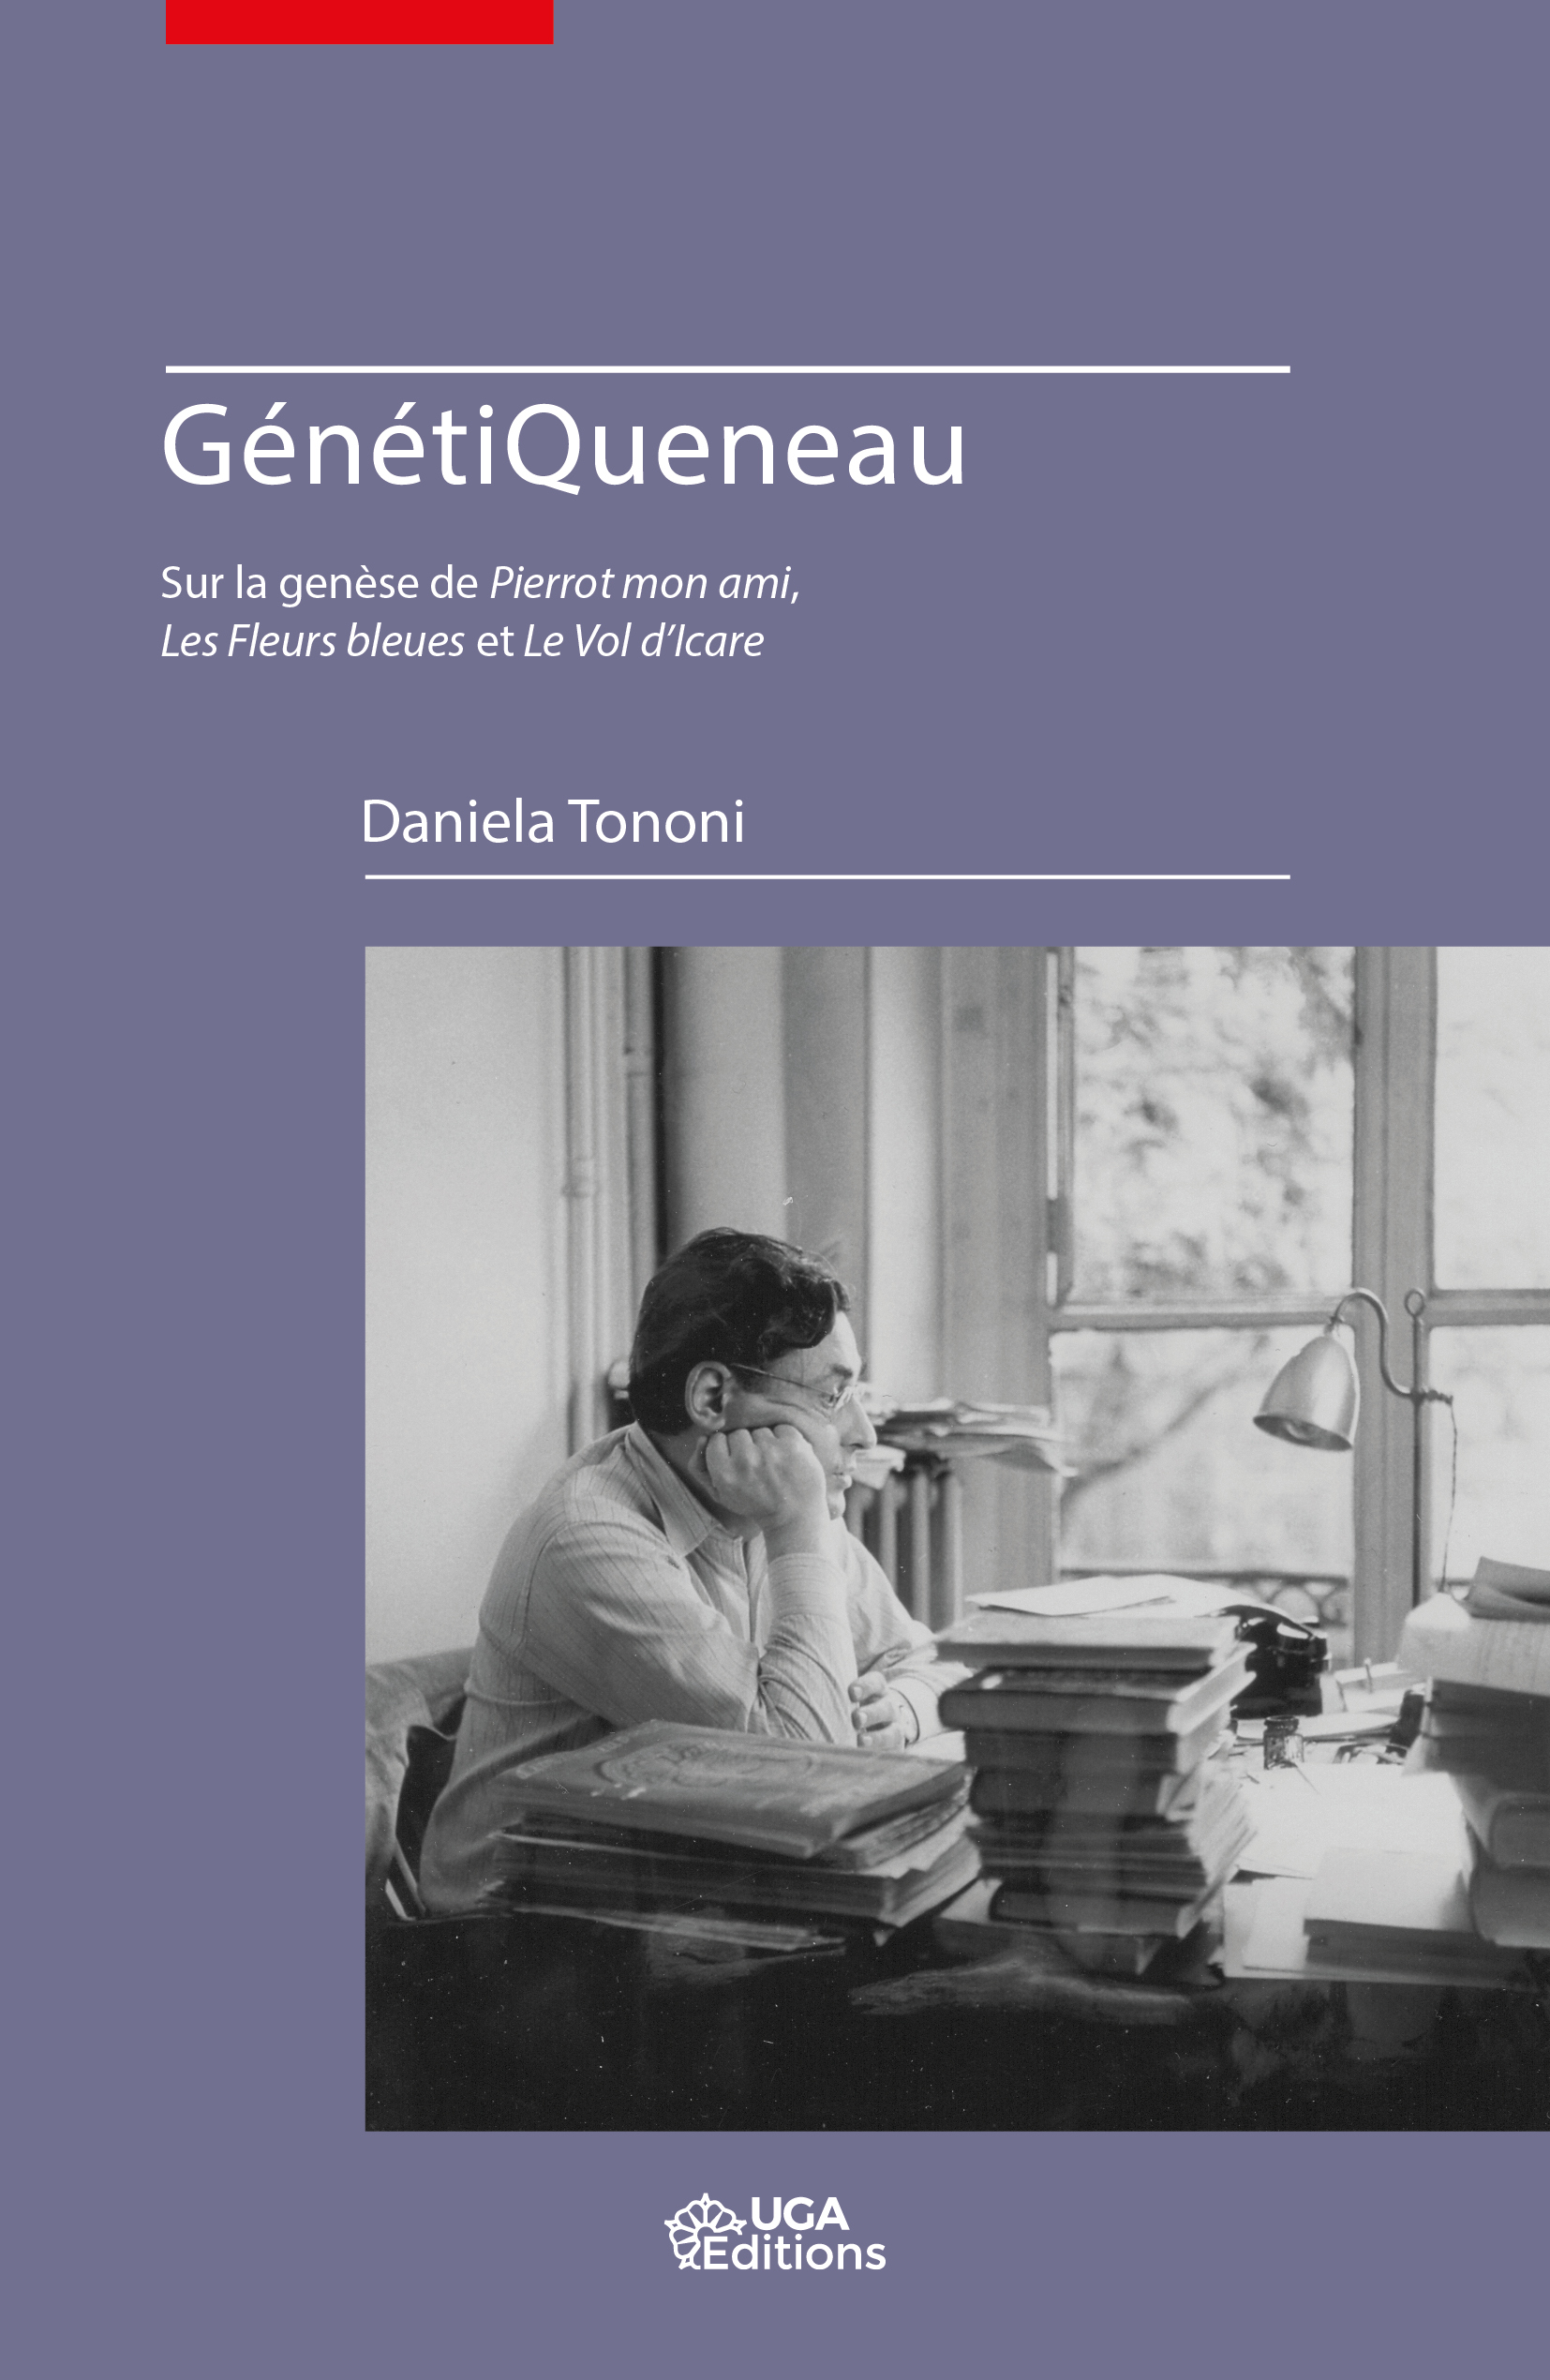 D. Tononi, GénétiQueneau. Sur la genèse de Pierrot mon ami, Les Fleurs bleues et Le Vol d'Icare